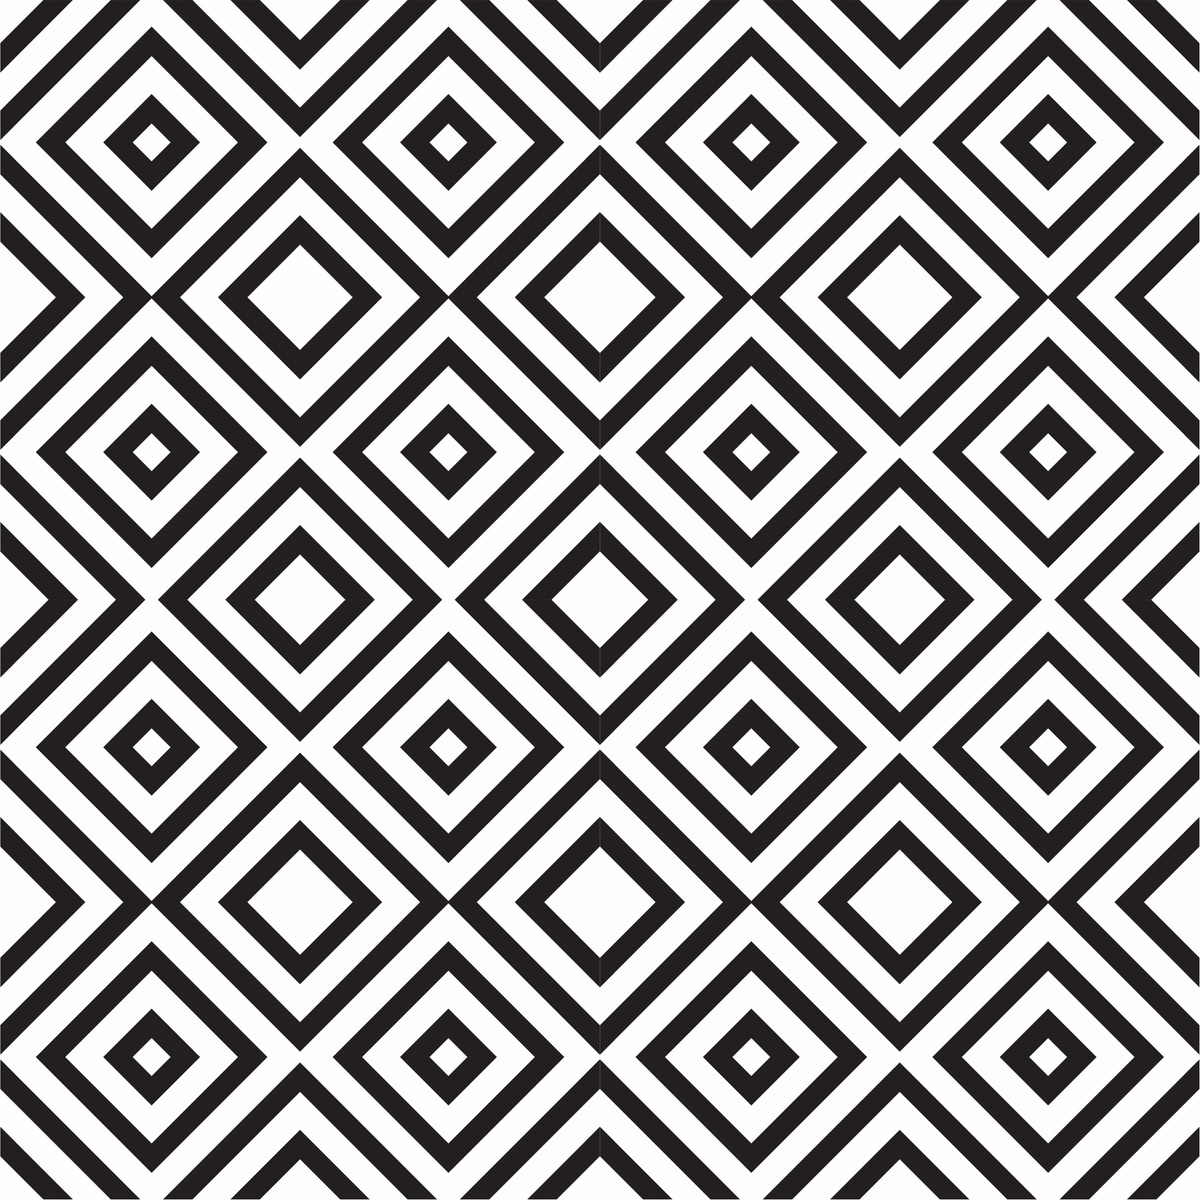 Adesivo papel de parede geom trico preto branco escolha for Papel de pared negro